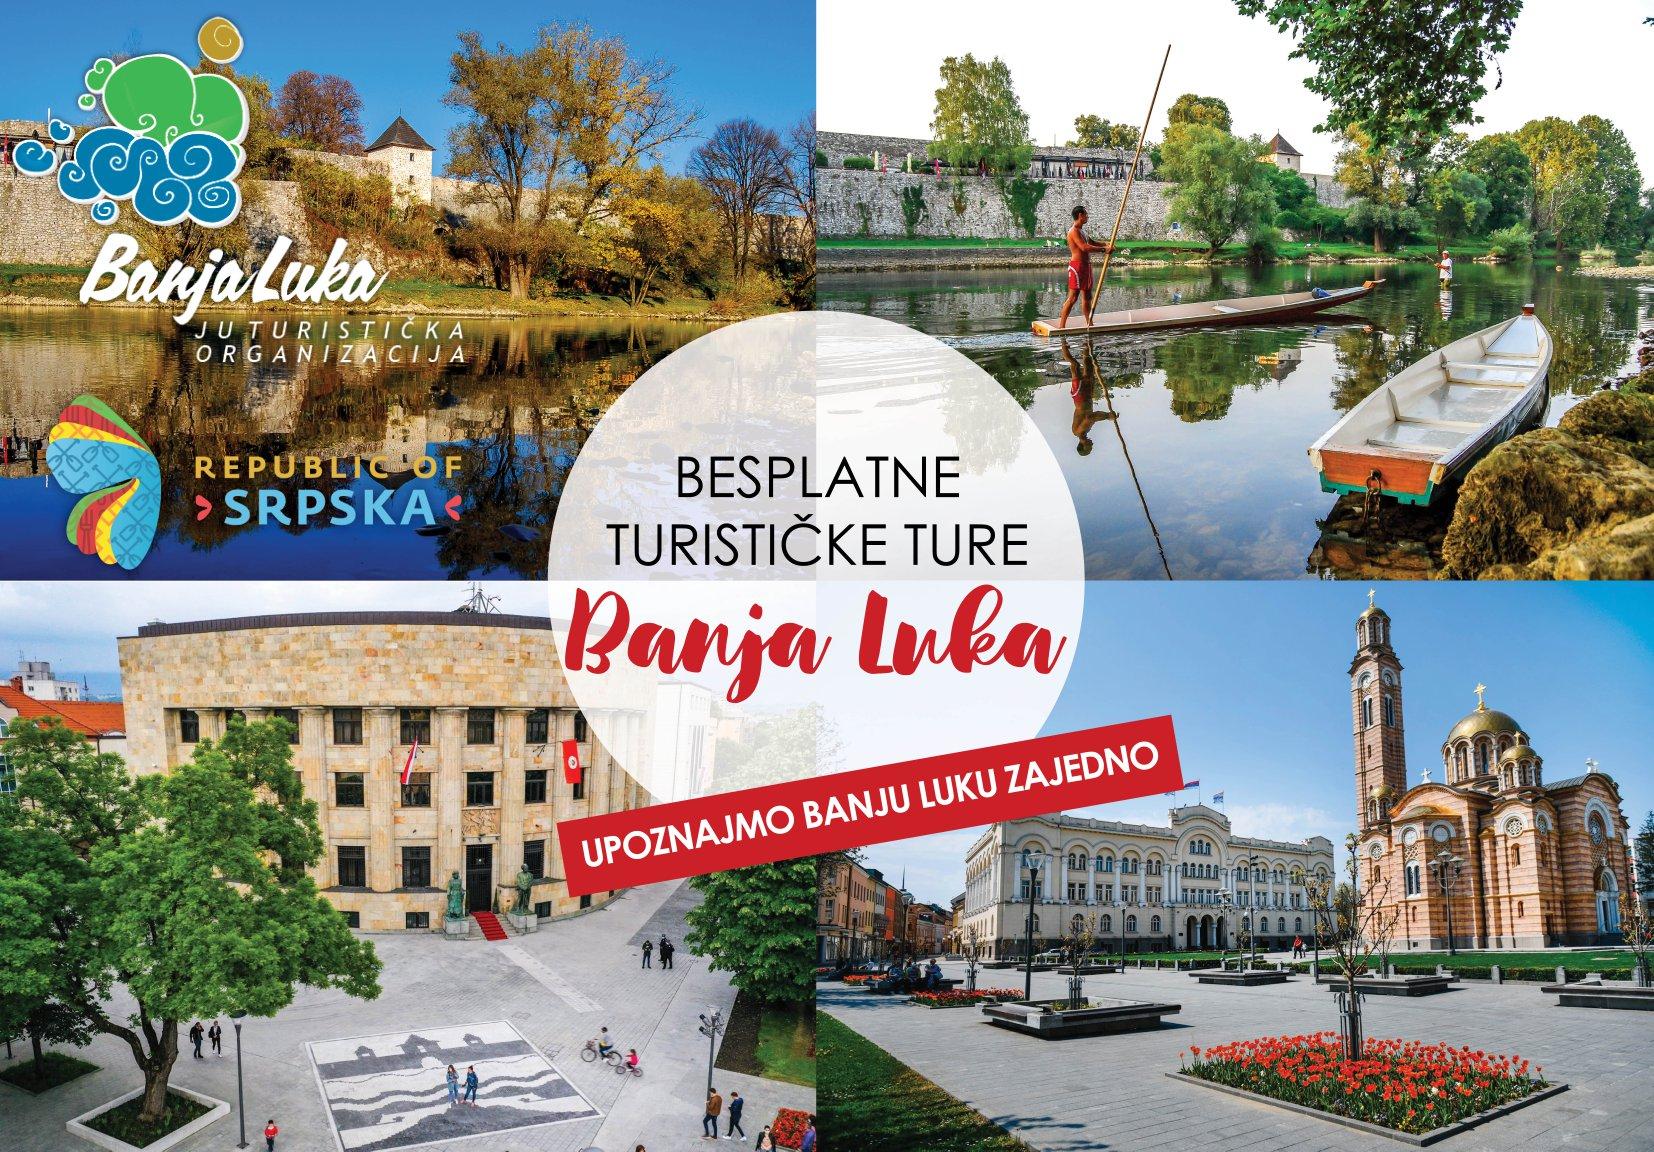 plakat-besplatne-turisticke-ture-2020-banja-luka